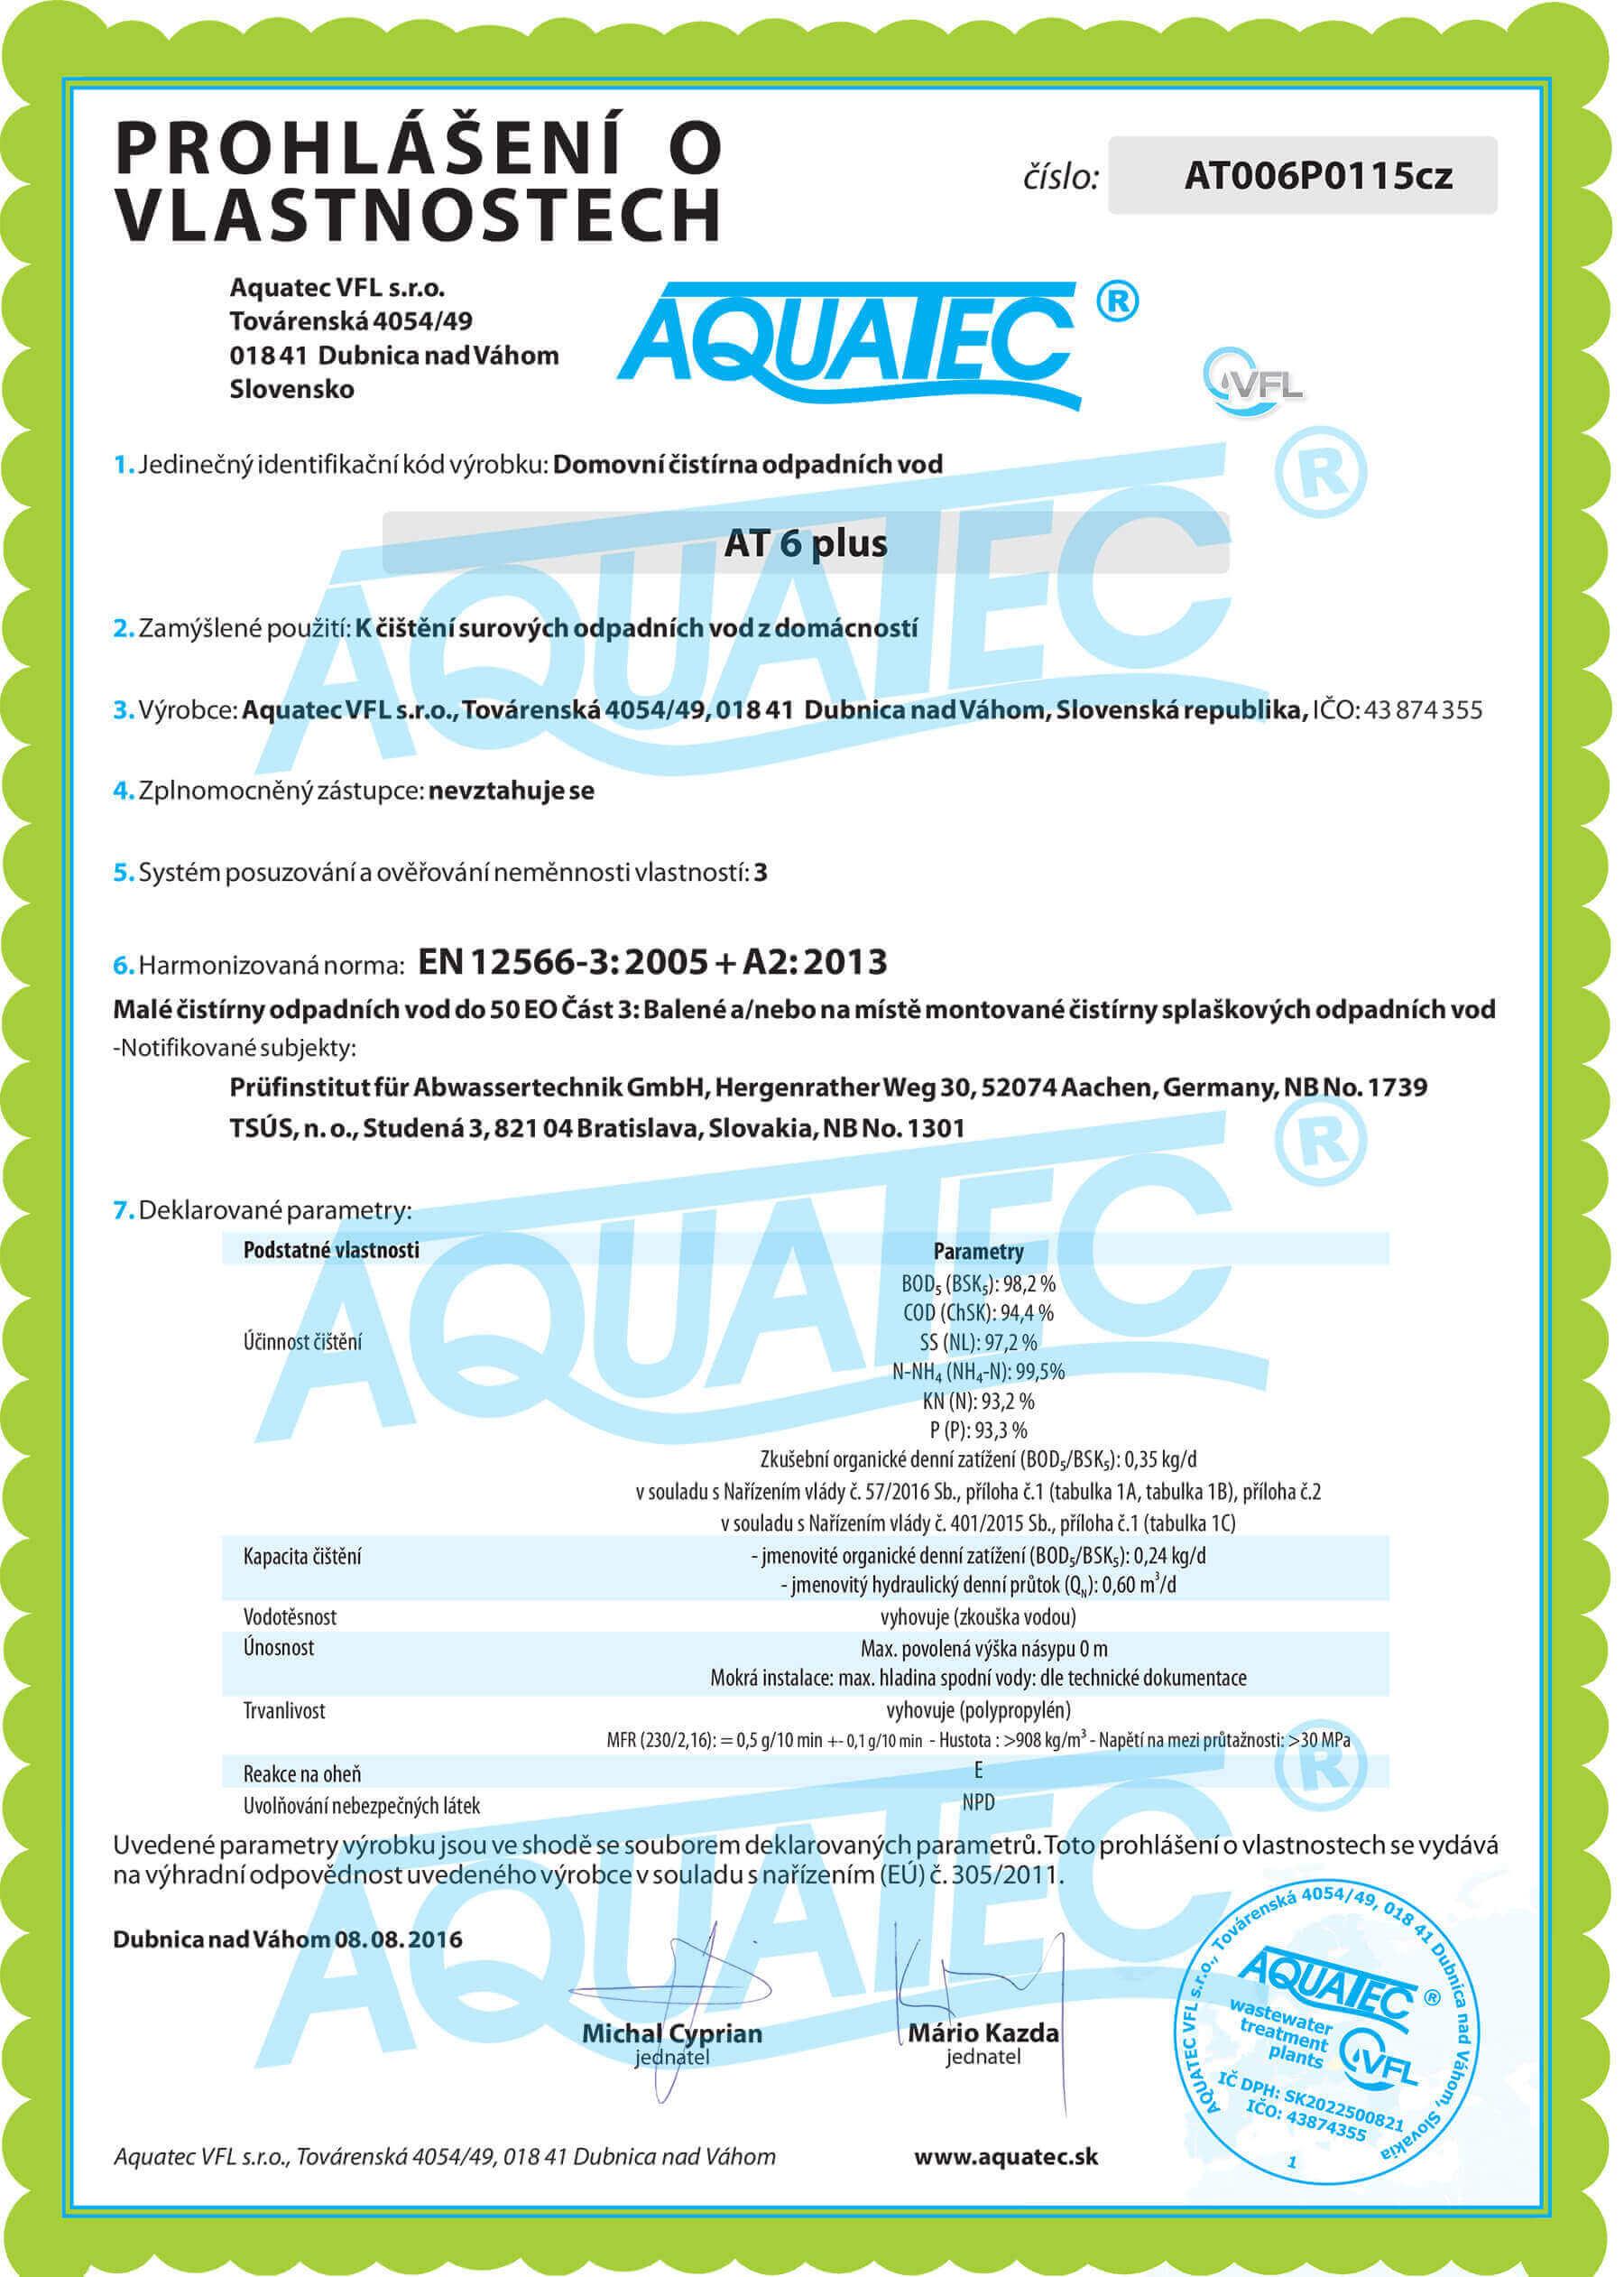 ČOV AT byla v PIA Aachen testovaná od roku 2006 několikrát. Nejnovější testy ČOV AT plus z roku 2014 a 2018 dokázaly splnění Nařízením požadovaných účinností v dlouhodobém testu účinnosti podle normy EN 12566-3. Uvedené hodnoty byly dosáhnuty bez použití jakéhokoliv přídavného zařízení např. na srážení fosforu.